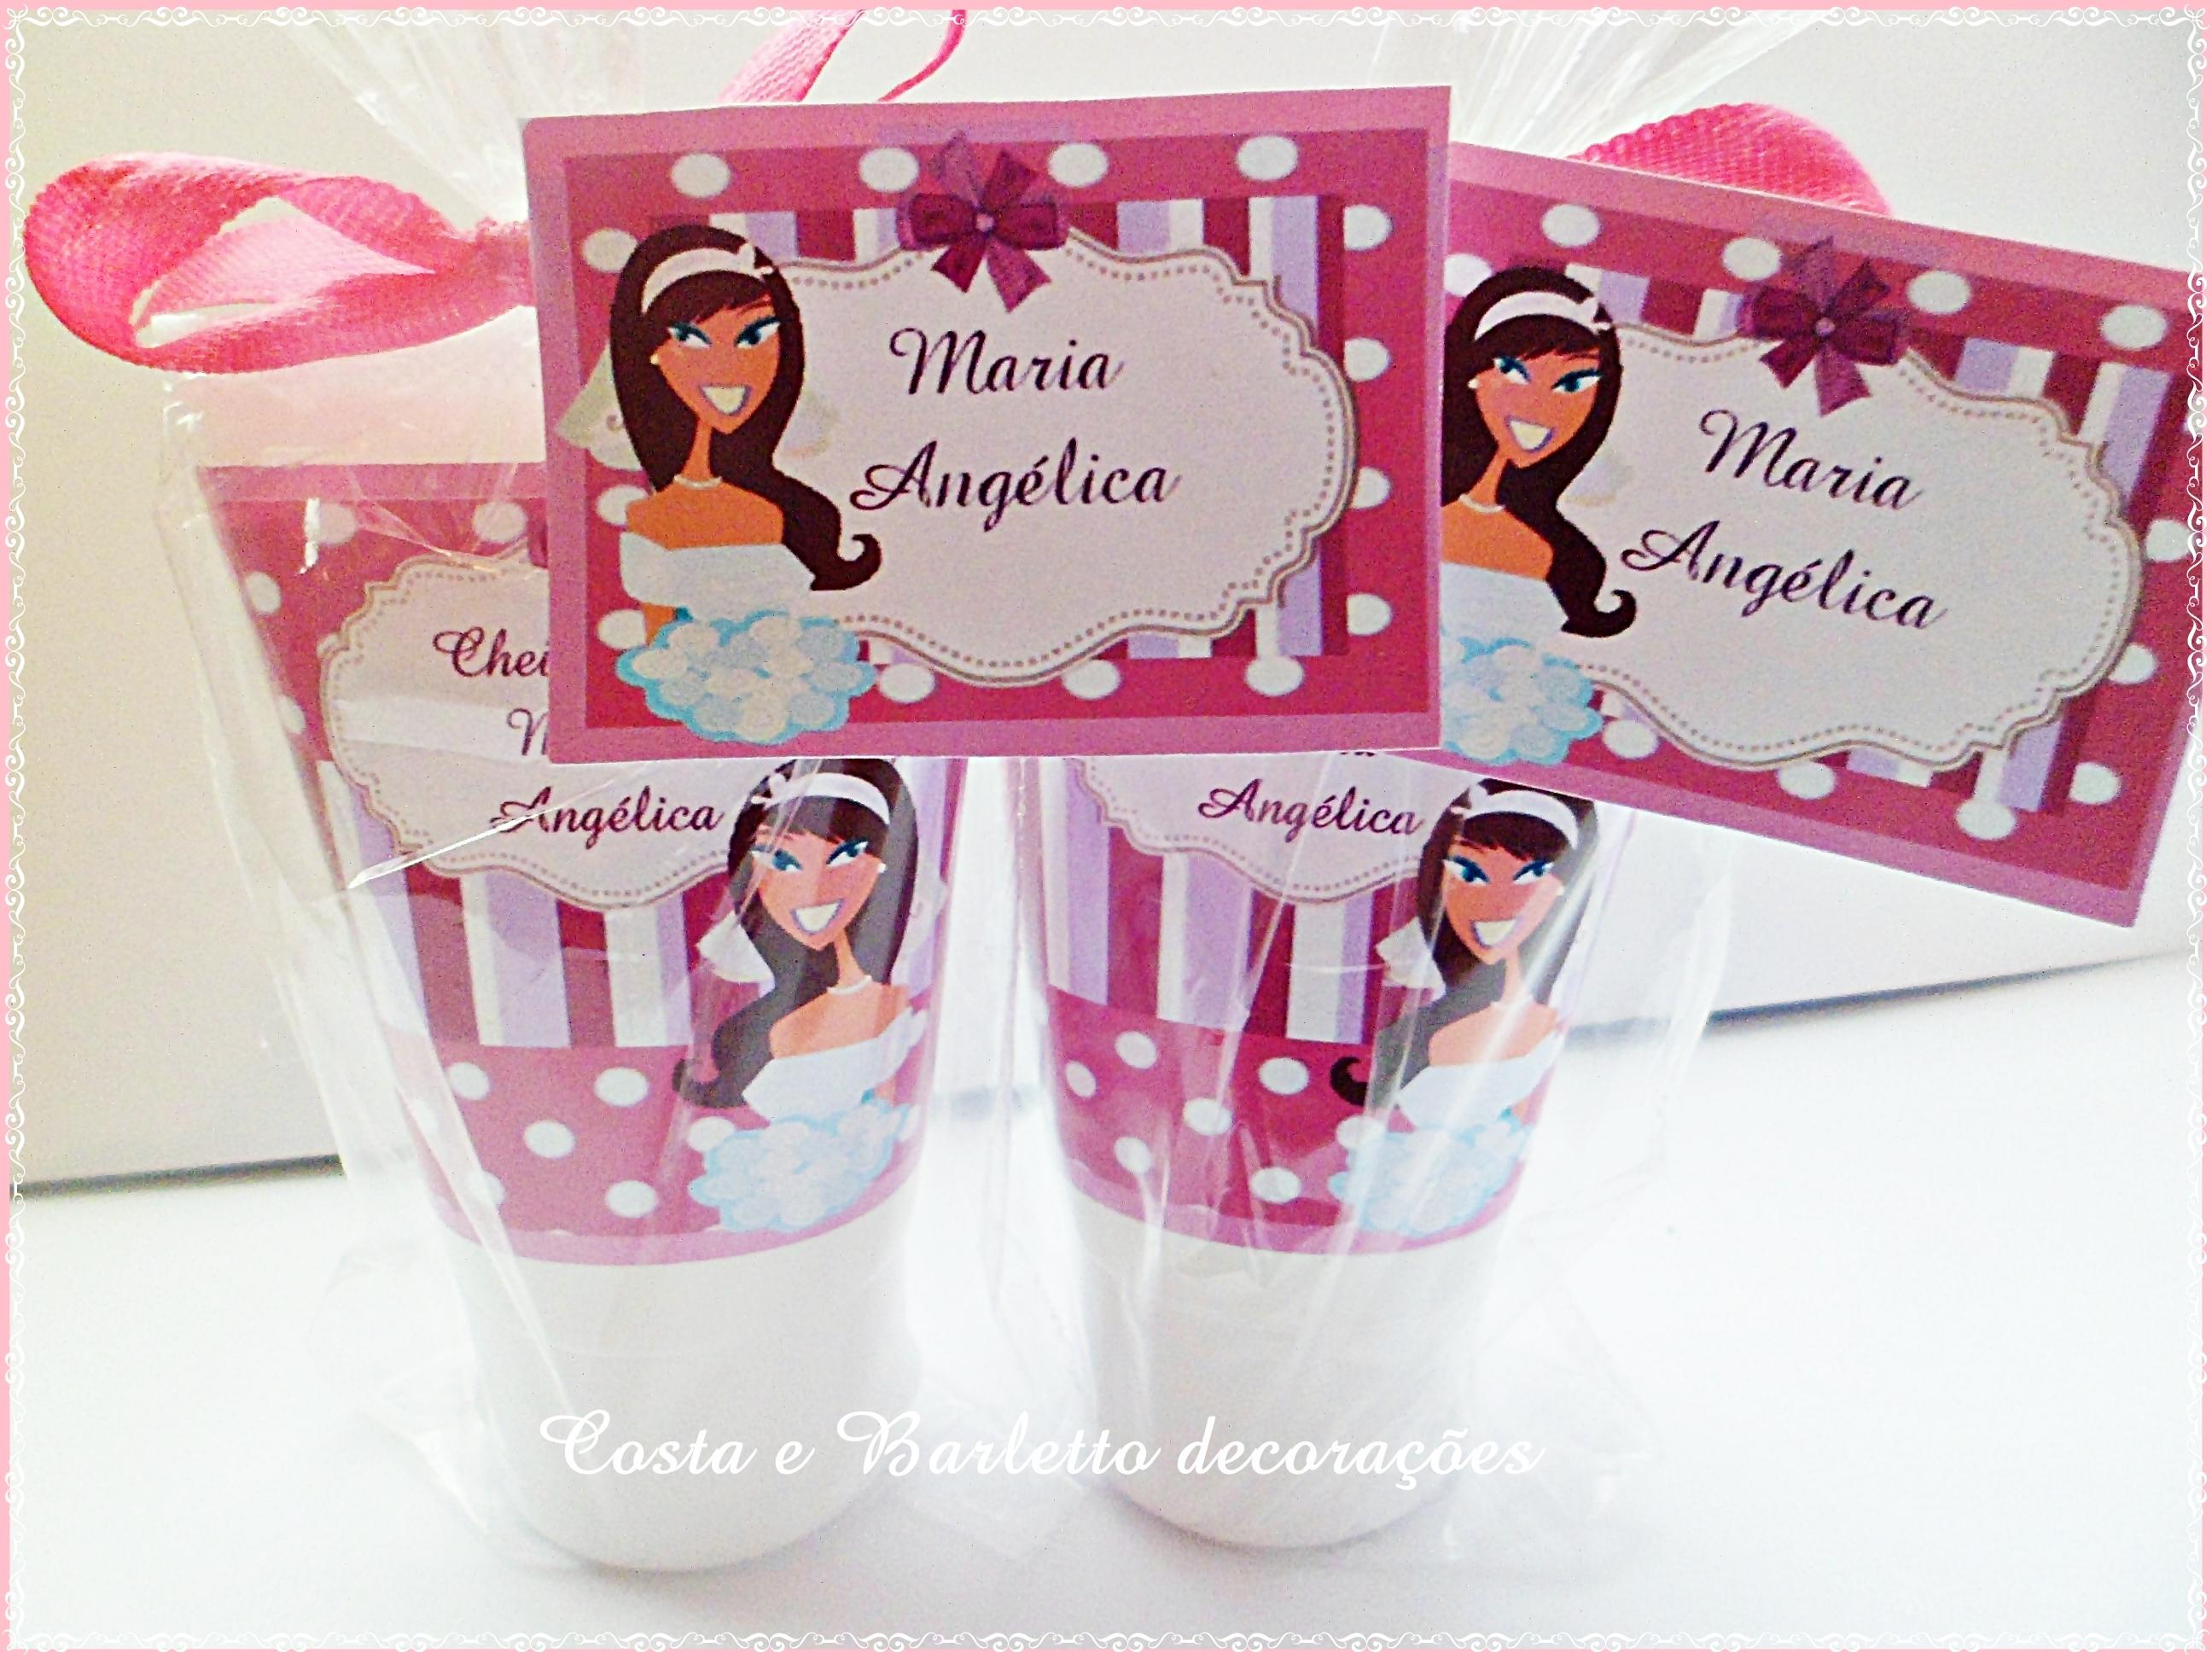 Lembrancinha Hidratante Chá De Lingerie no Elo7 | Costa e Barletto  decorações (318B94)